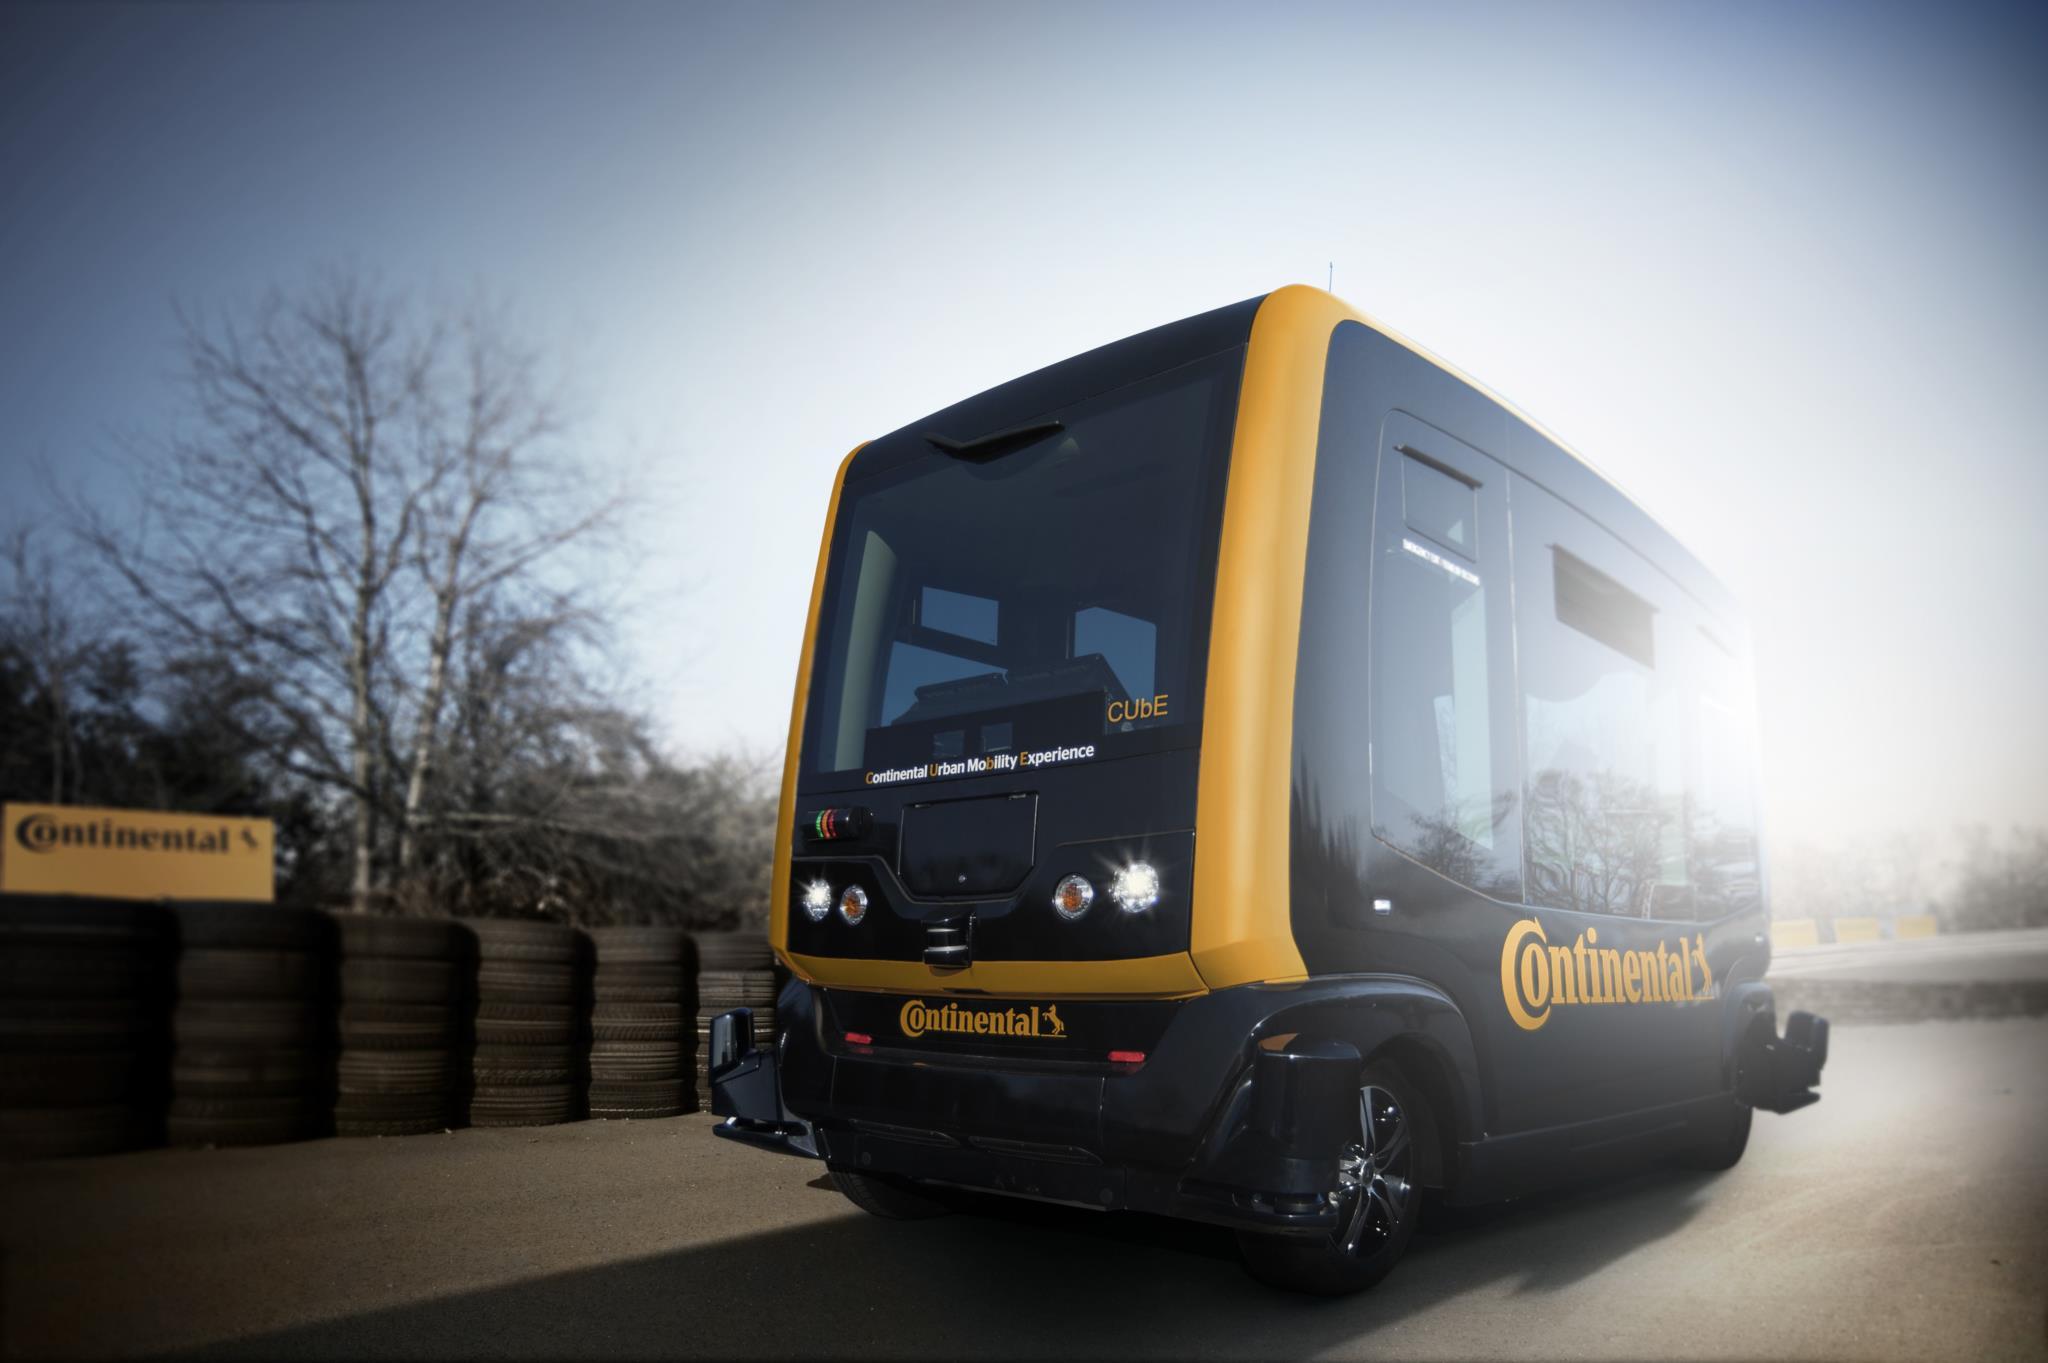 CUbE: minibus sem condutor